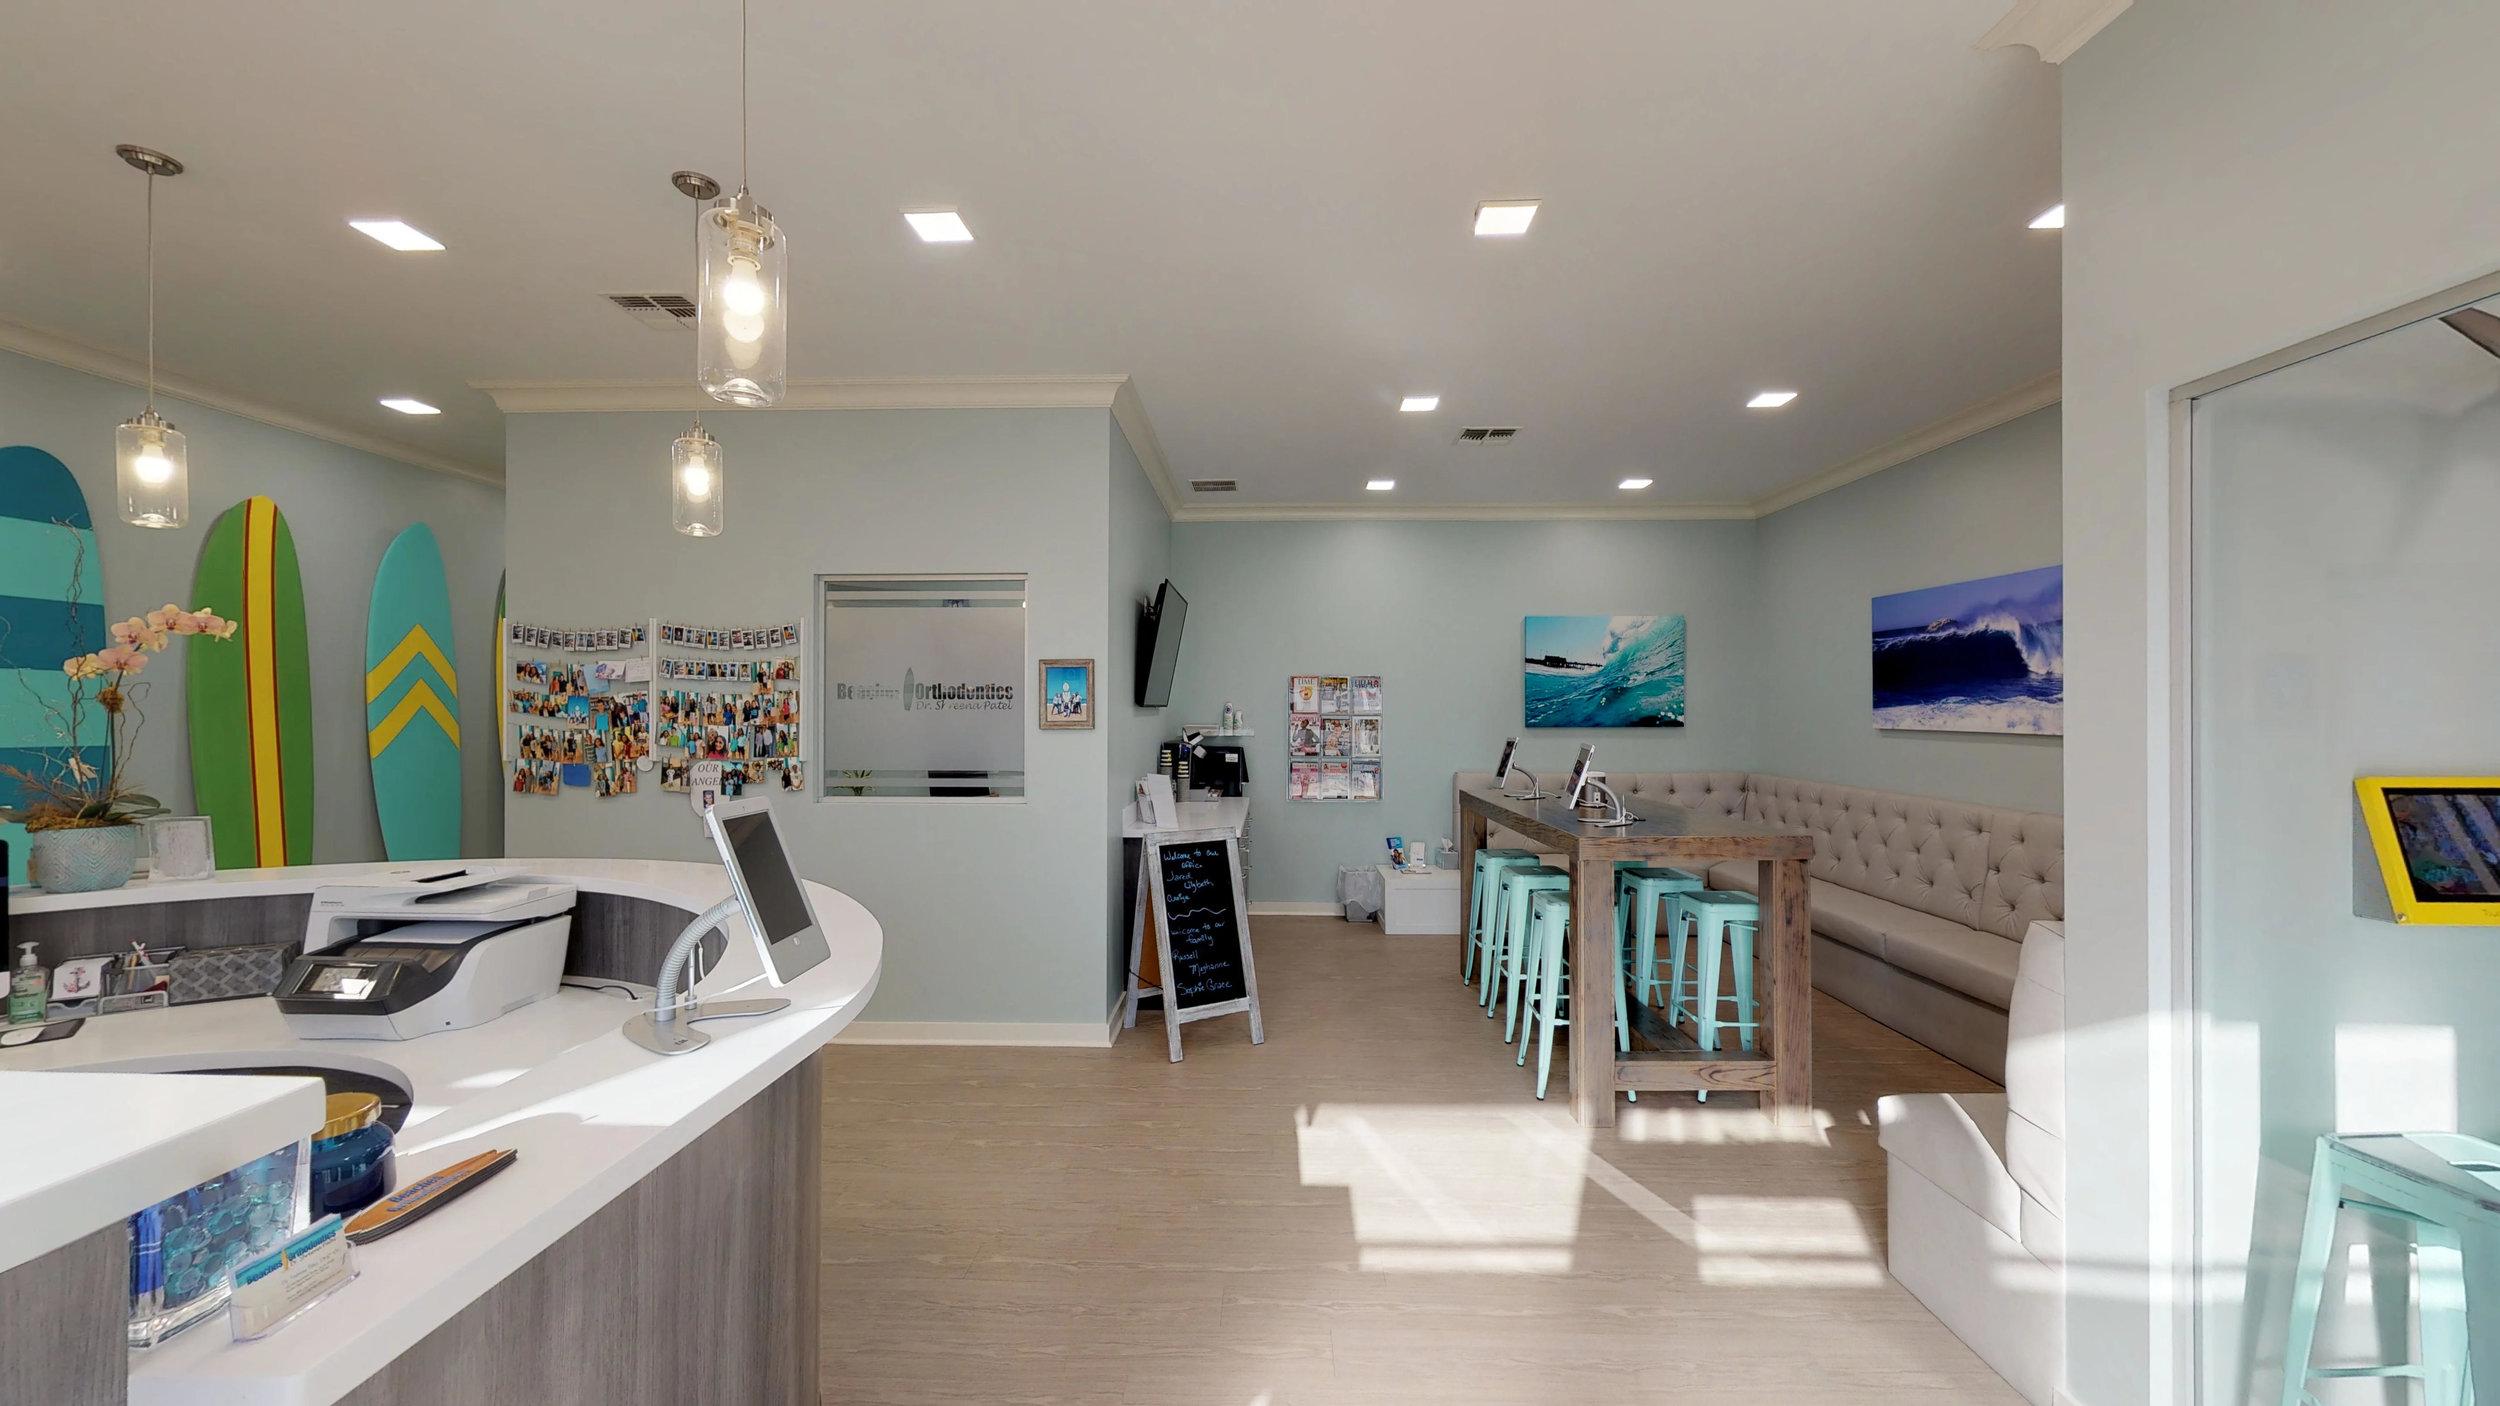 Beaches Orthodontics